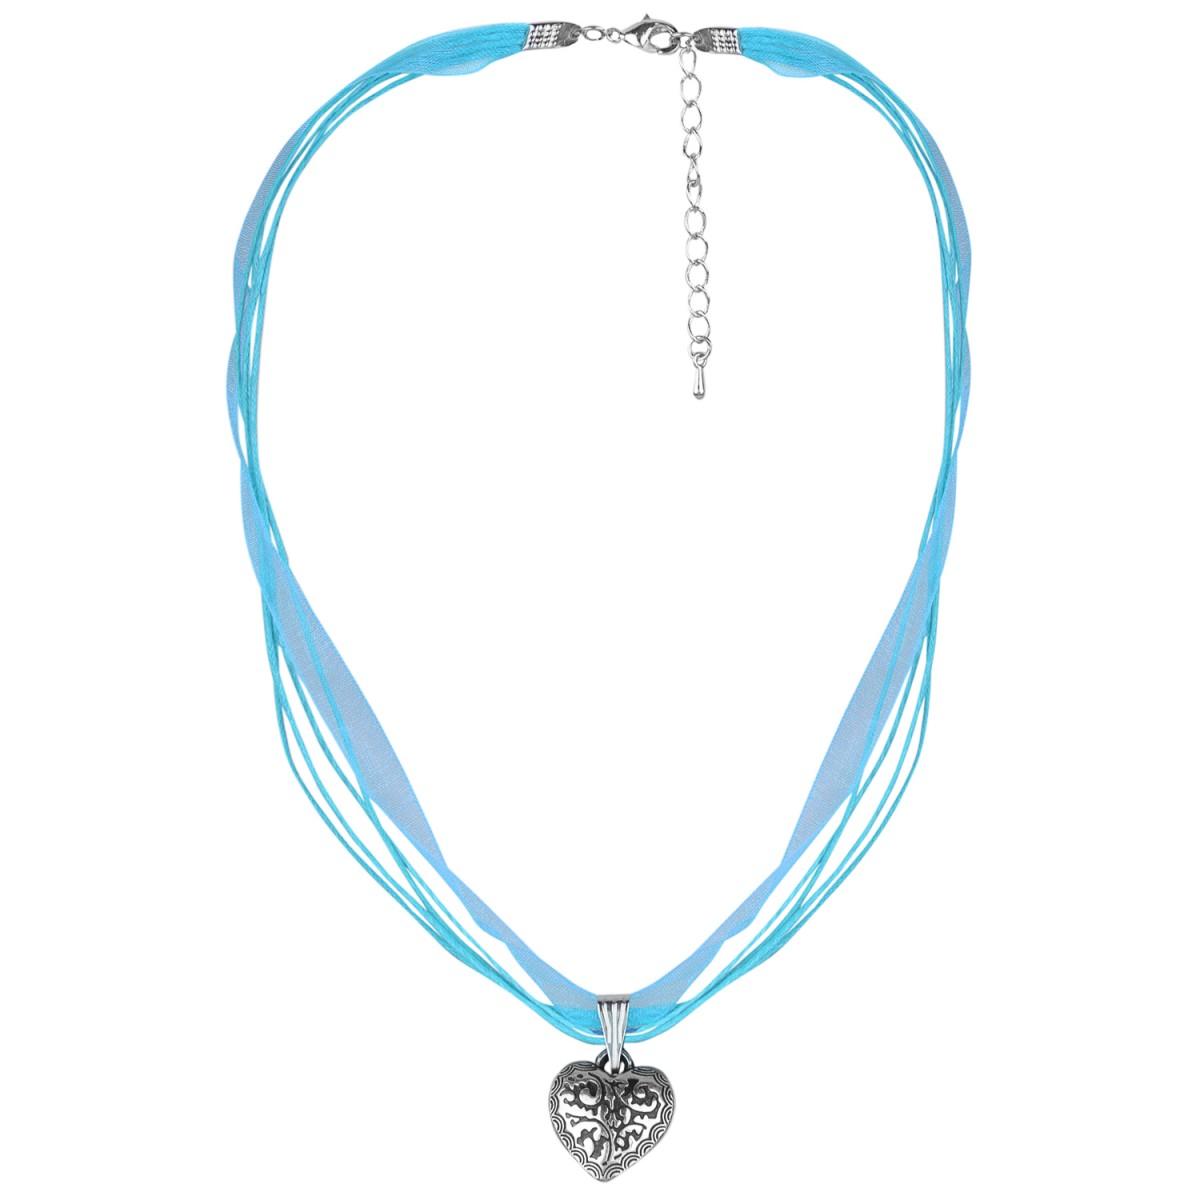 Halskette mit 4 Bändern und Herzanhänger in Türkis von Schlick Accessoires günstig online kaufen